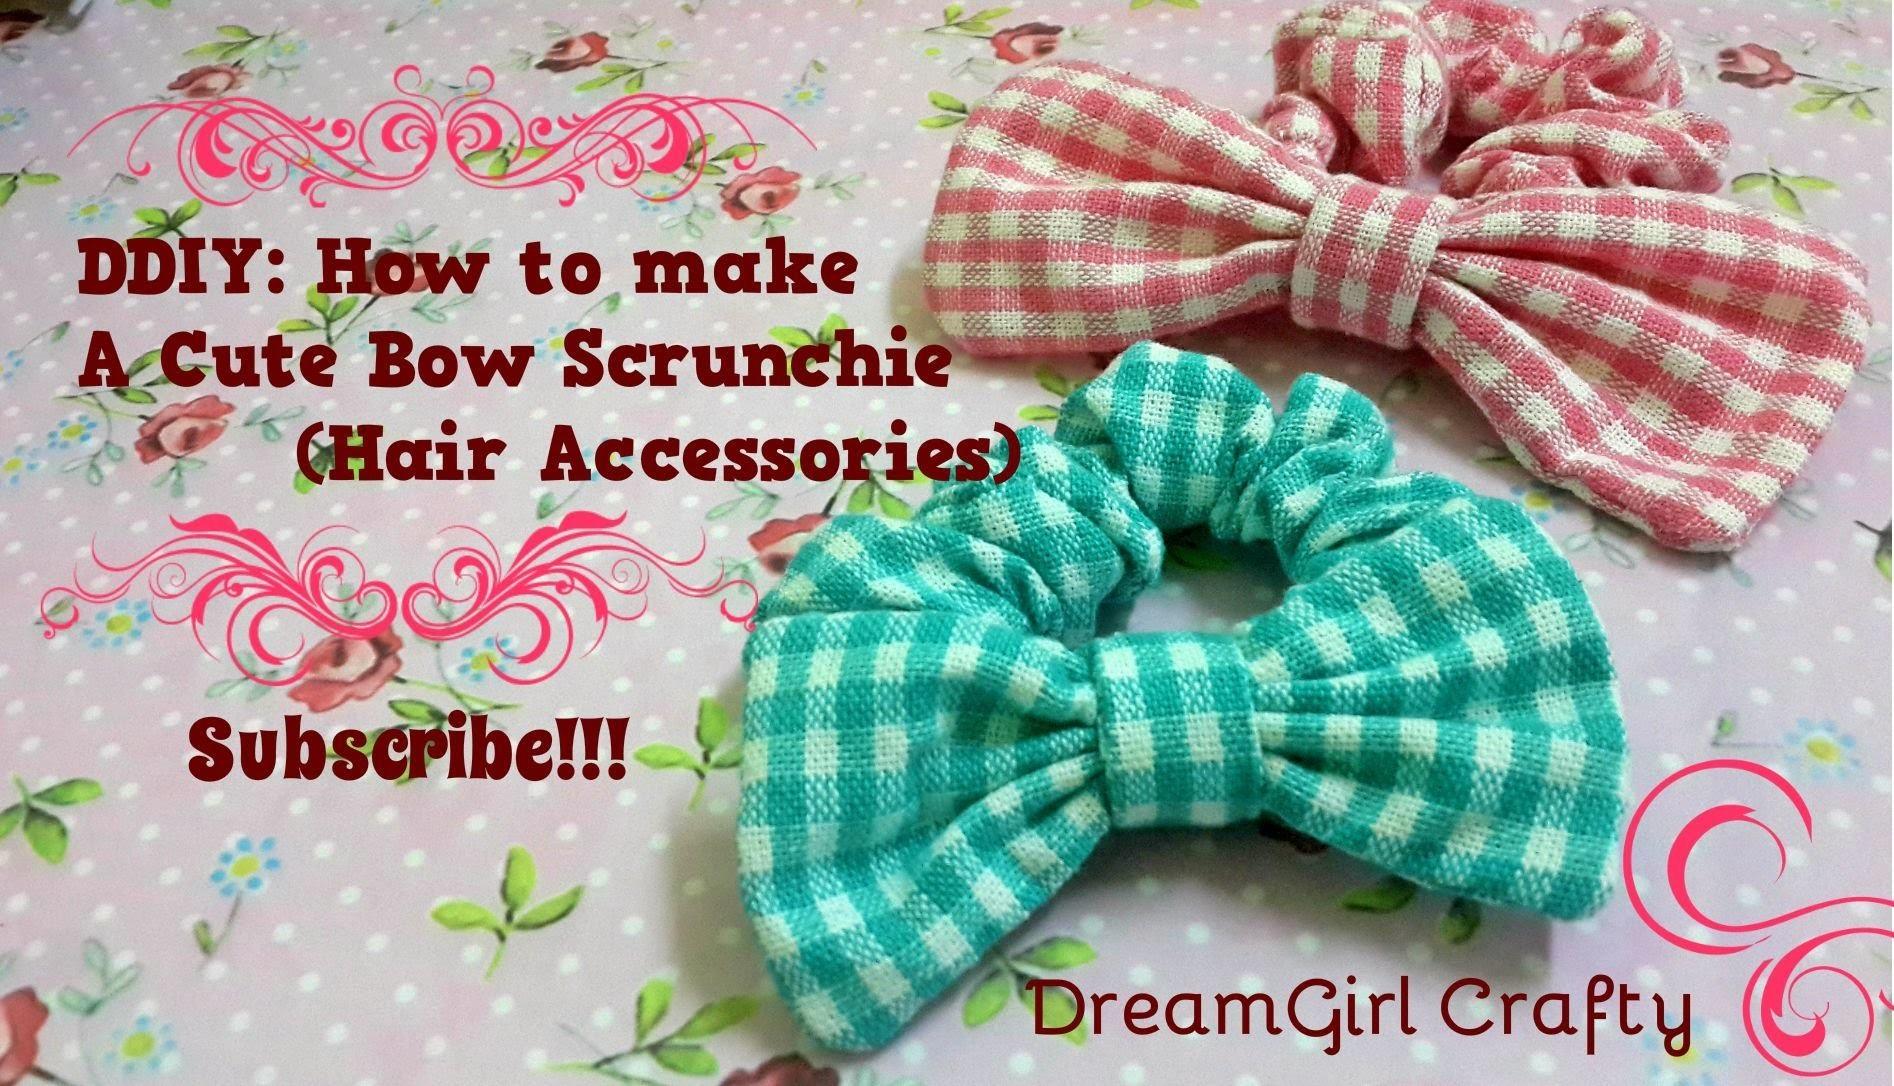 DDIY: How to make a Cute Bow Scrunchie(Hair Accessories)